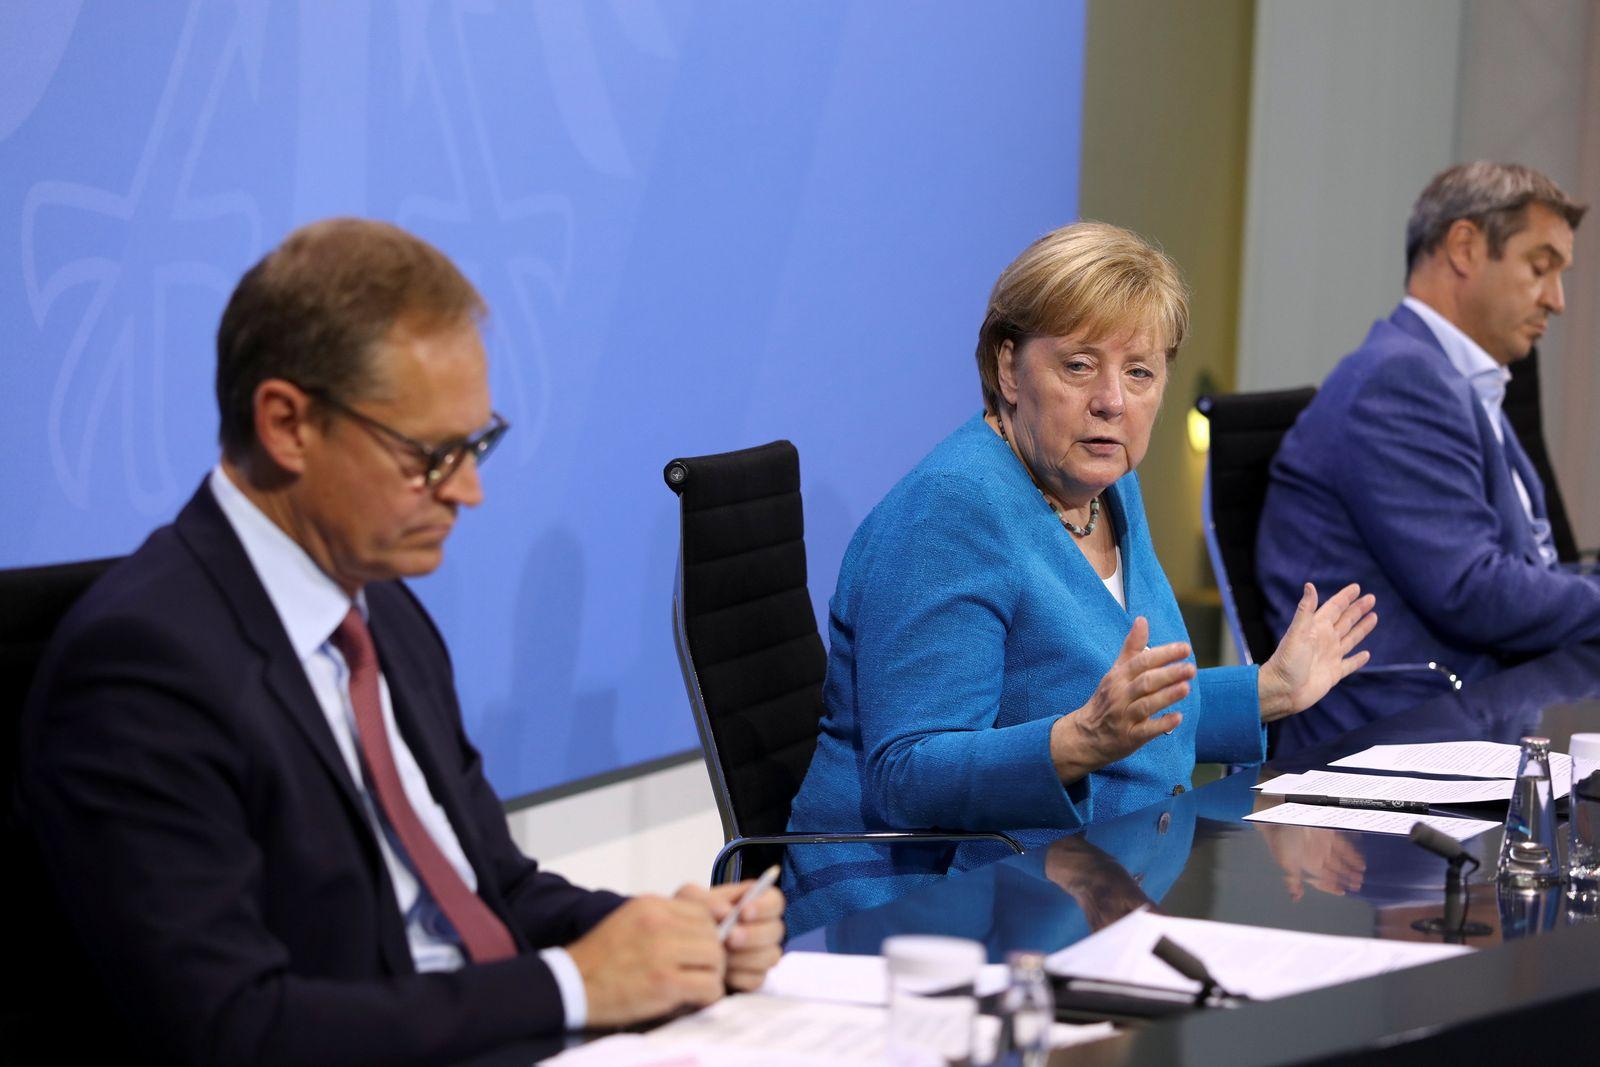 Pressekonferenz nach der Ministerpräsidentenkonferenz